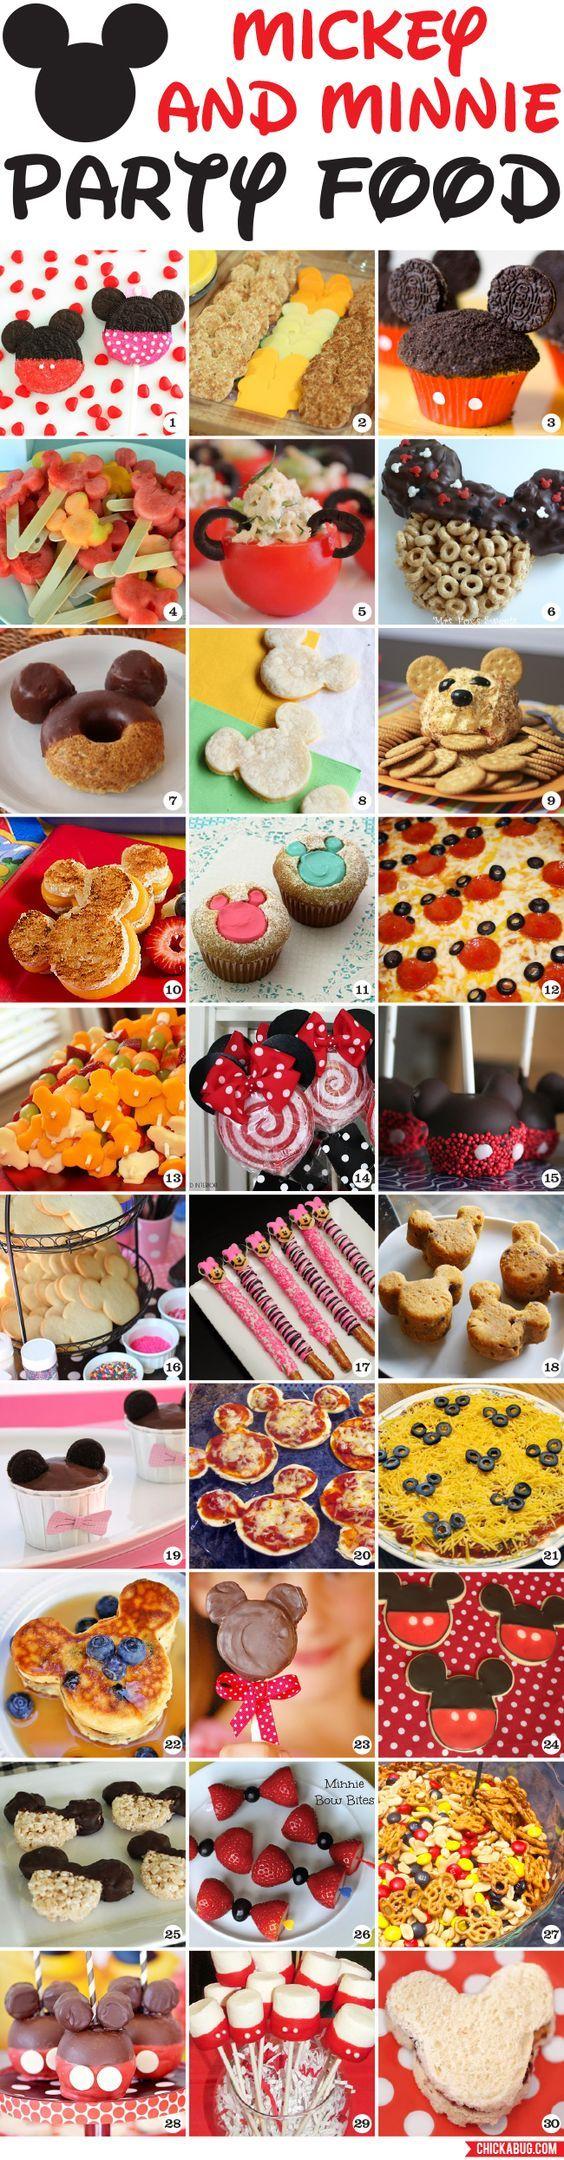 30 страхотни идеи на Мики Маус и Мини Миш парти за храна!